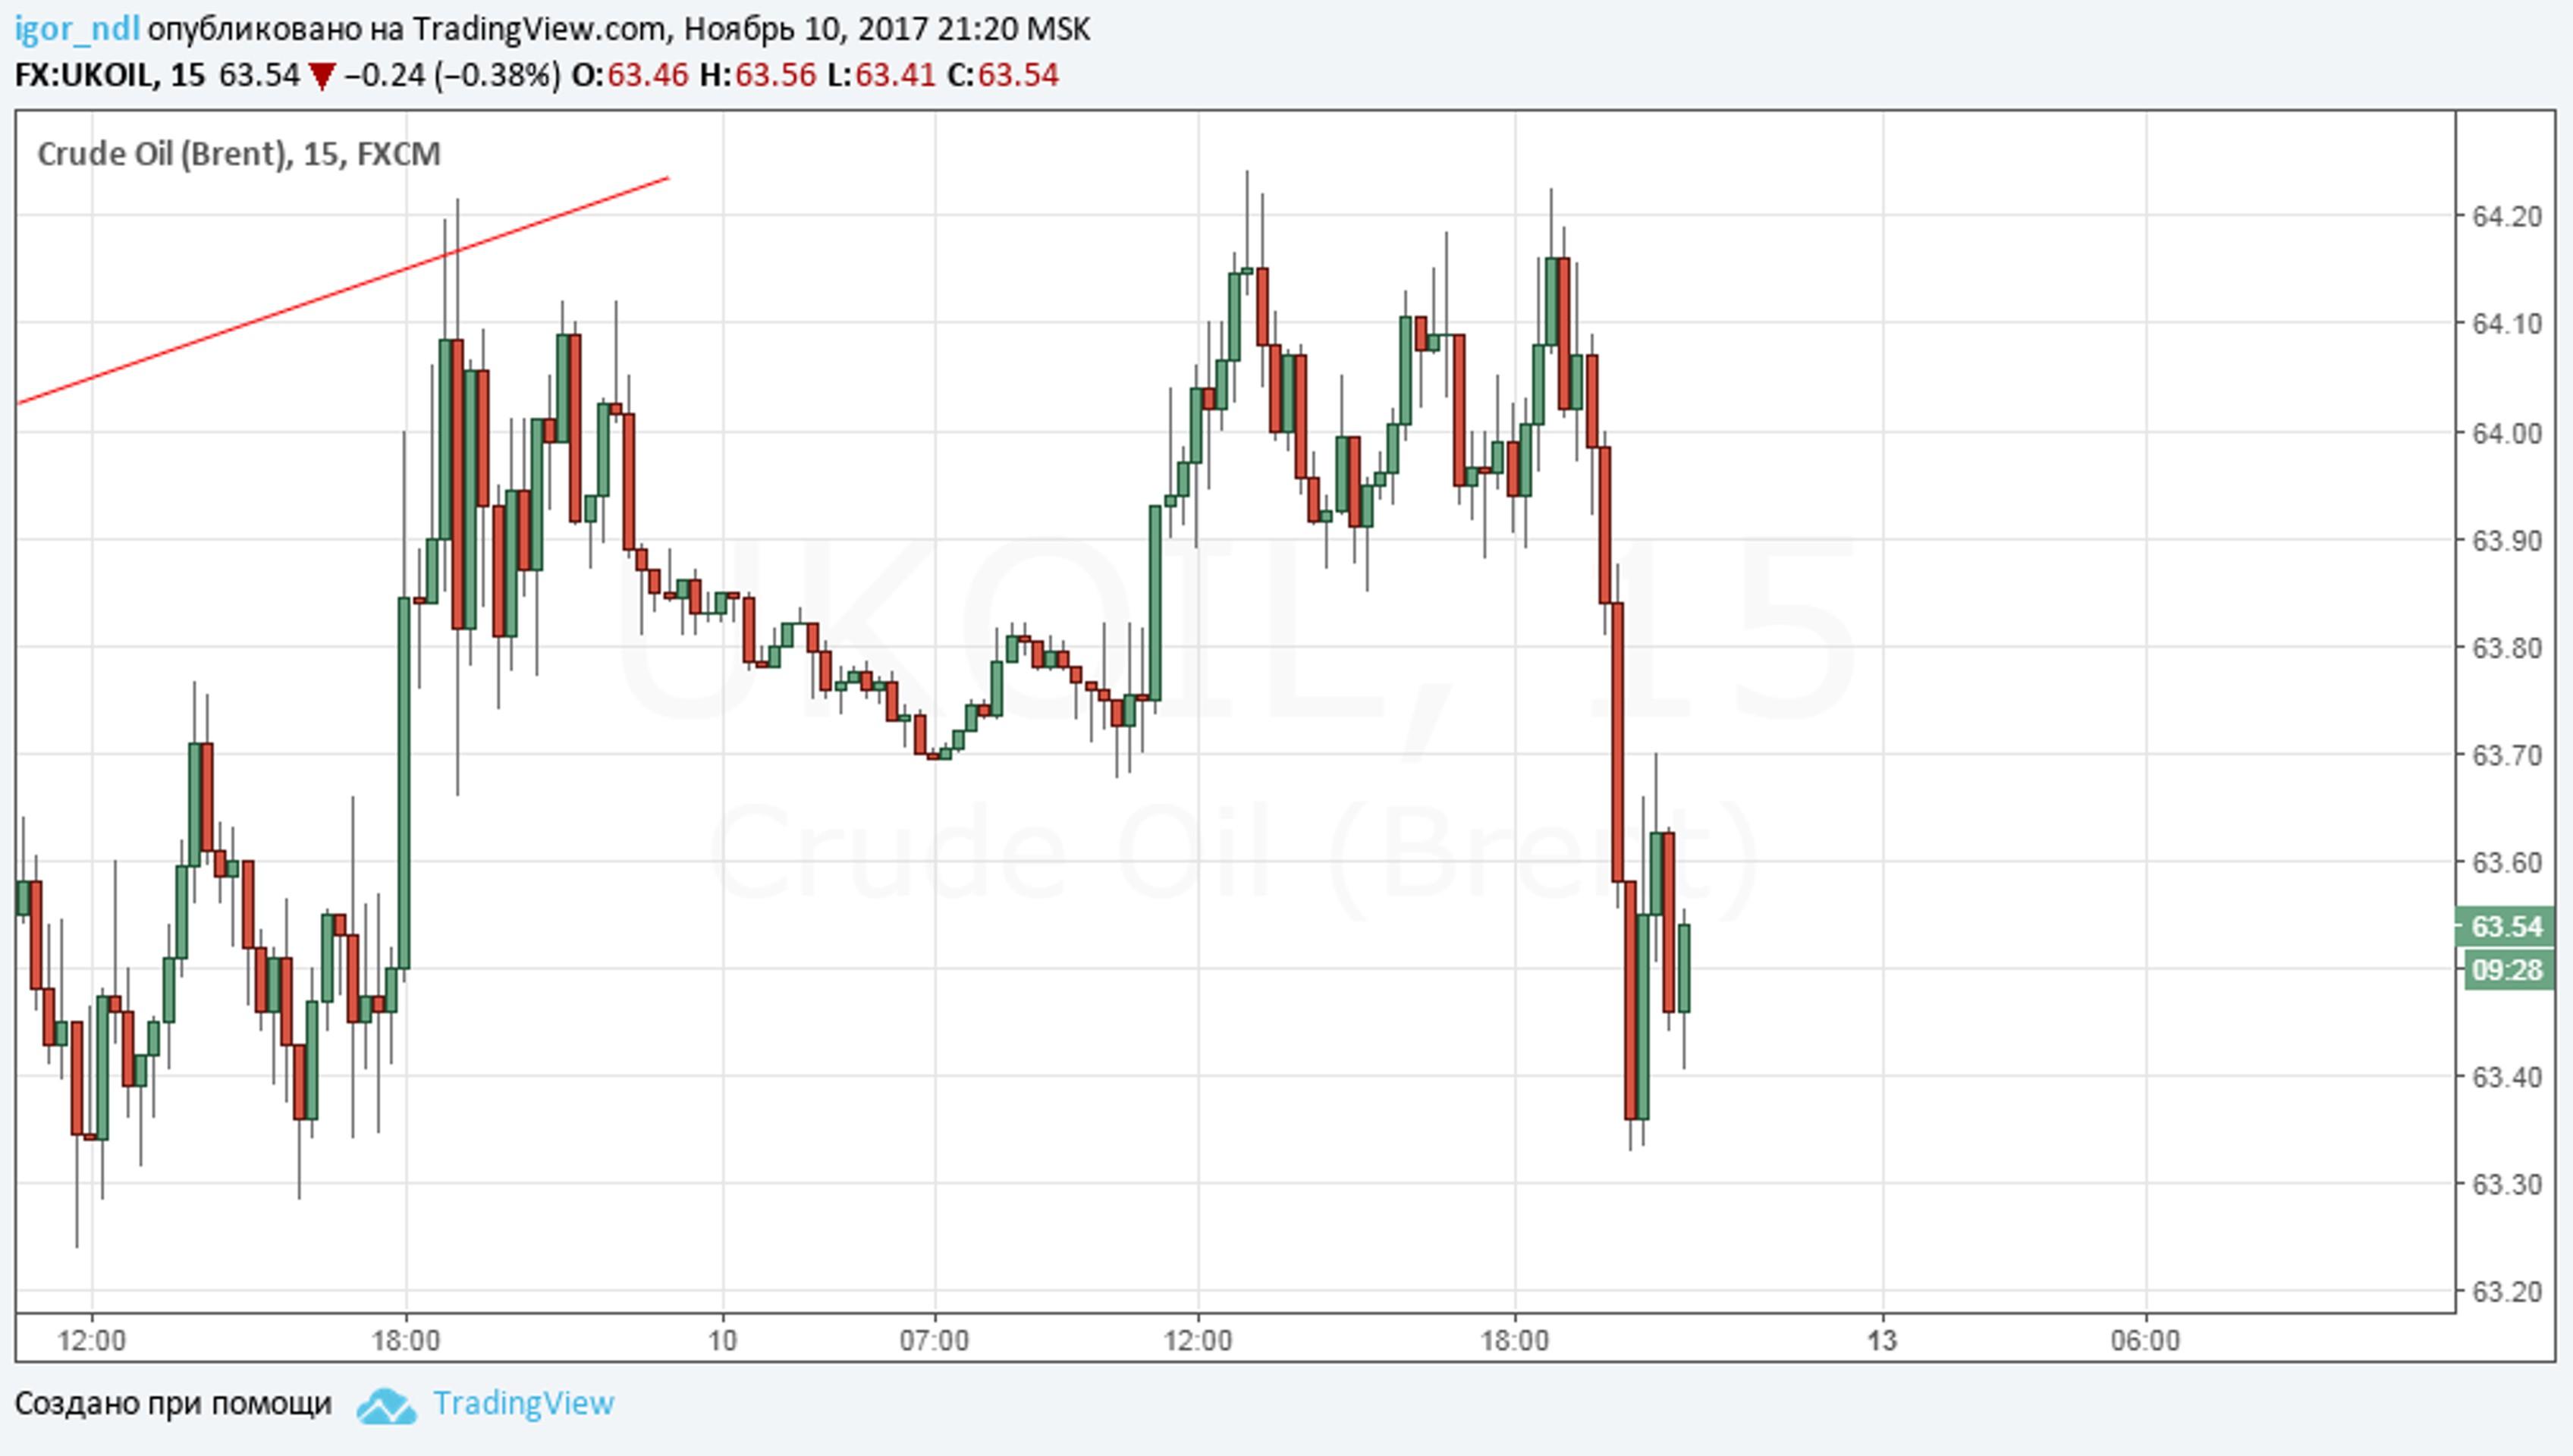 Нефть: еще одна попытка начать падение